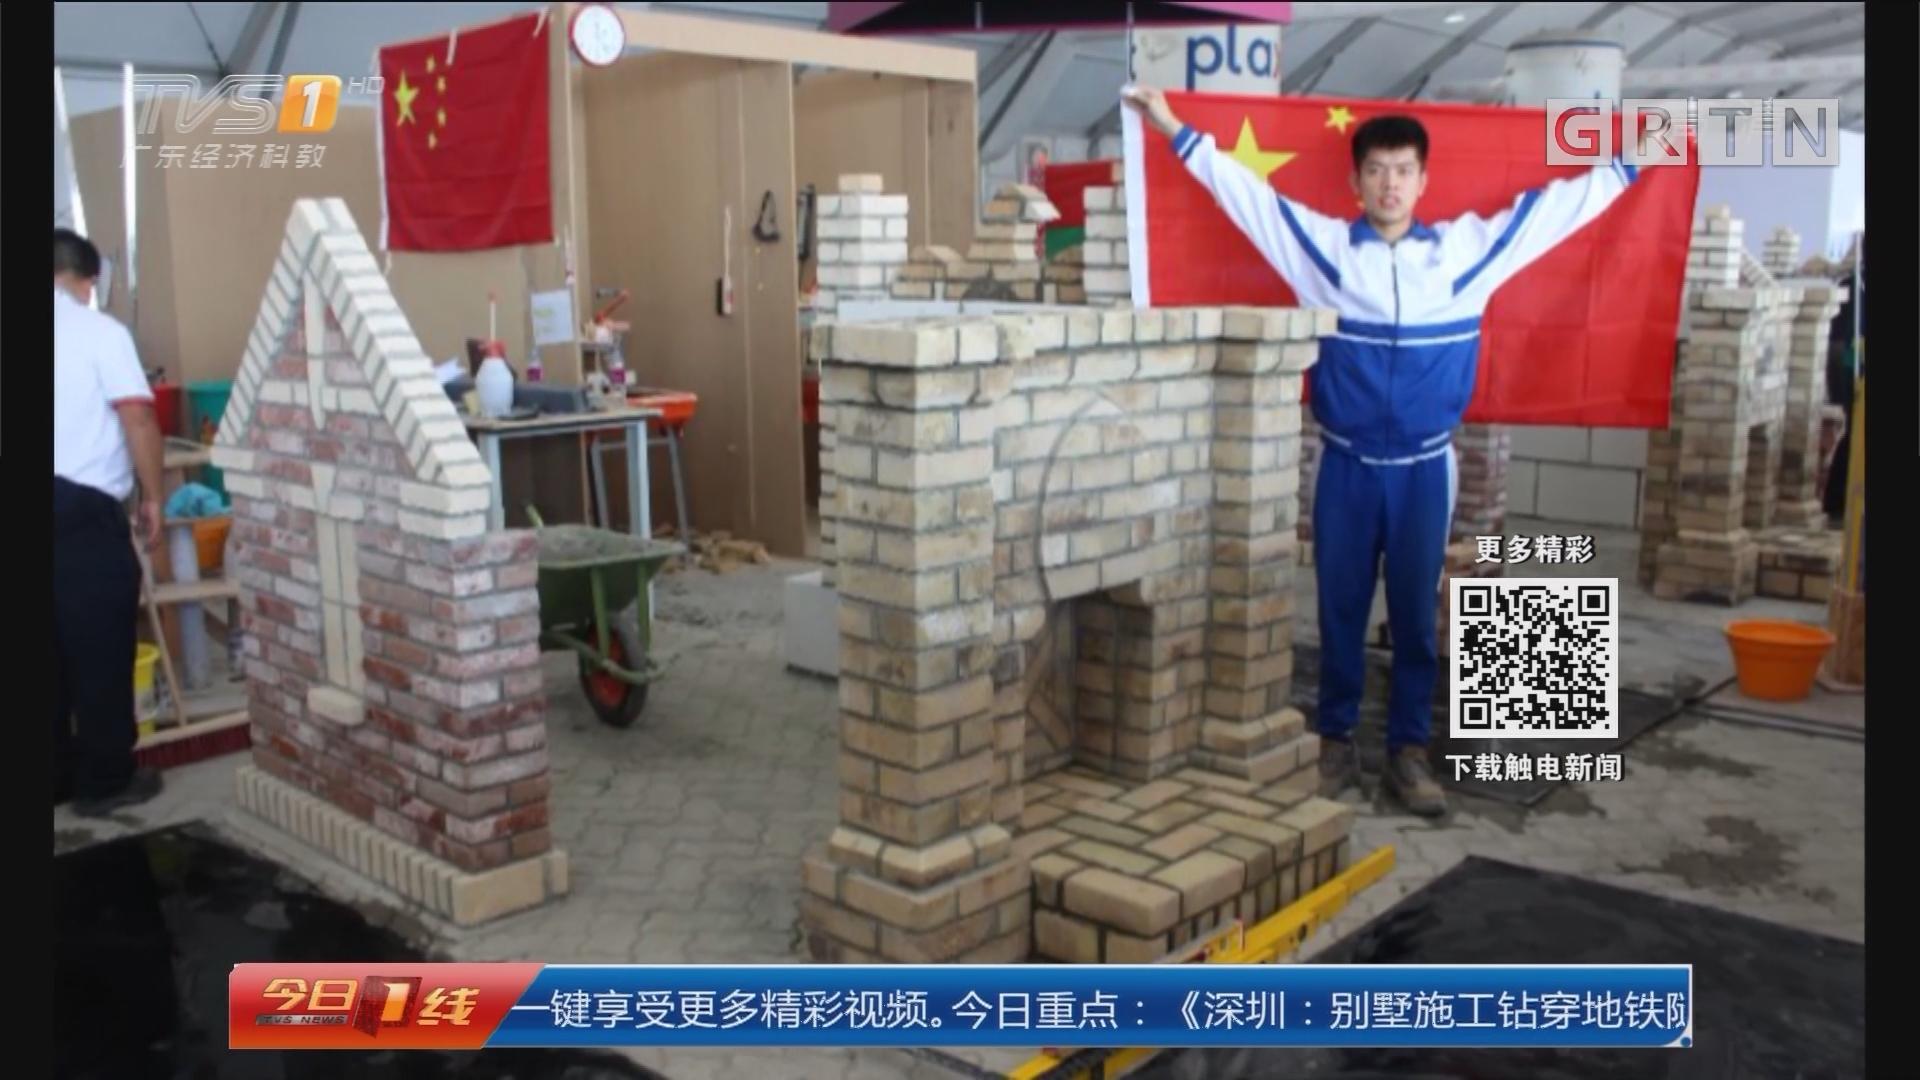 新时代工匠:一块砖的艺术 19岁小伙砌墙夺金